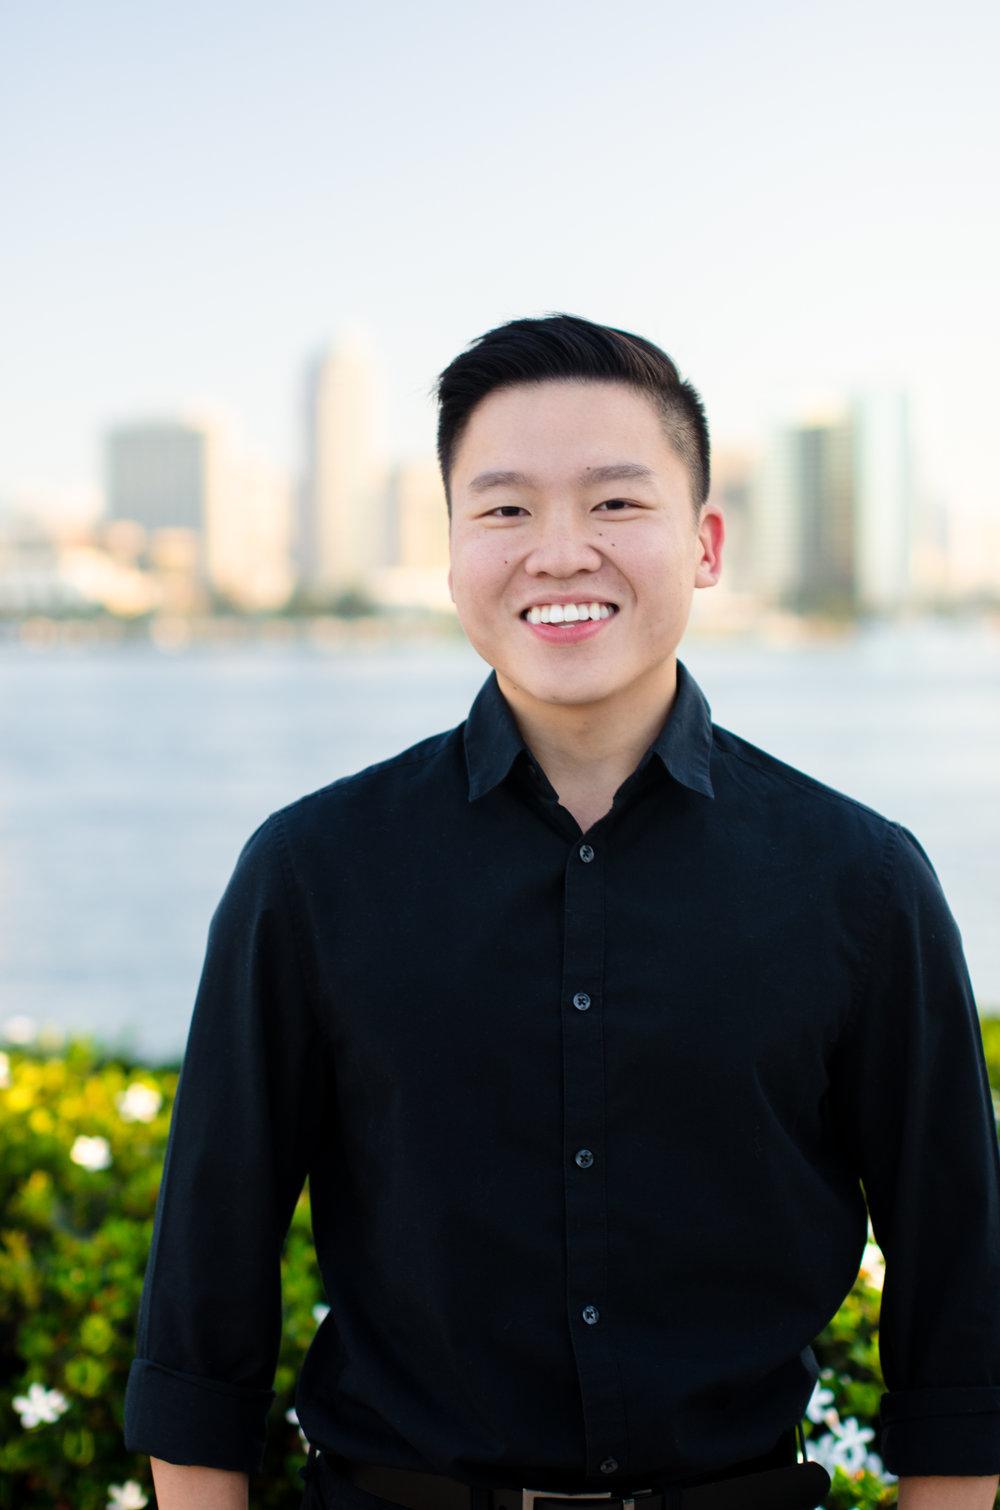 Tony Lee (Tenor, Treasurer)